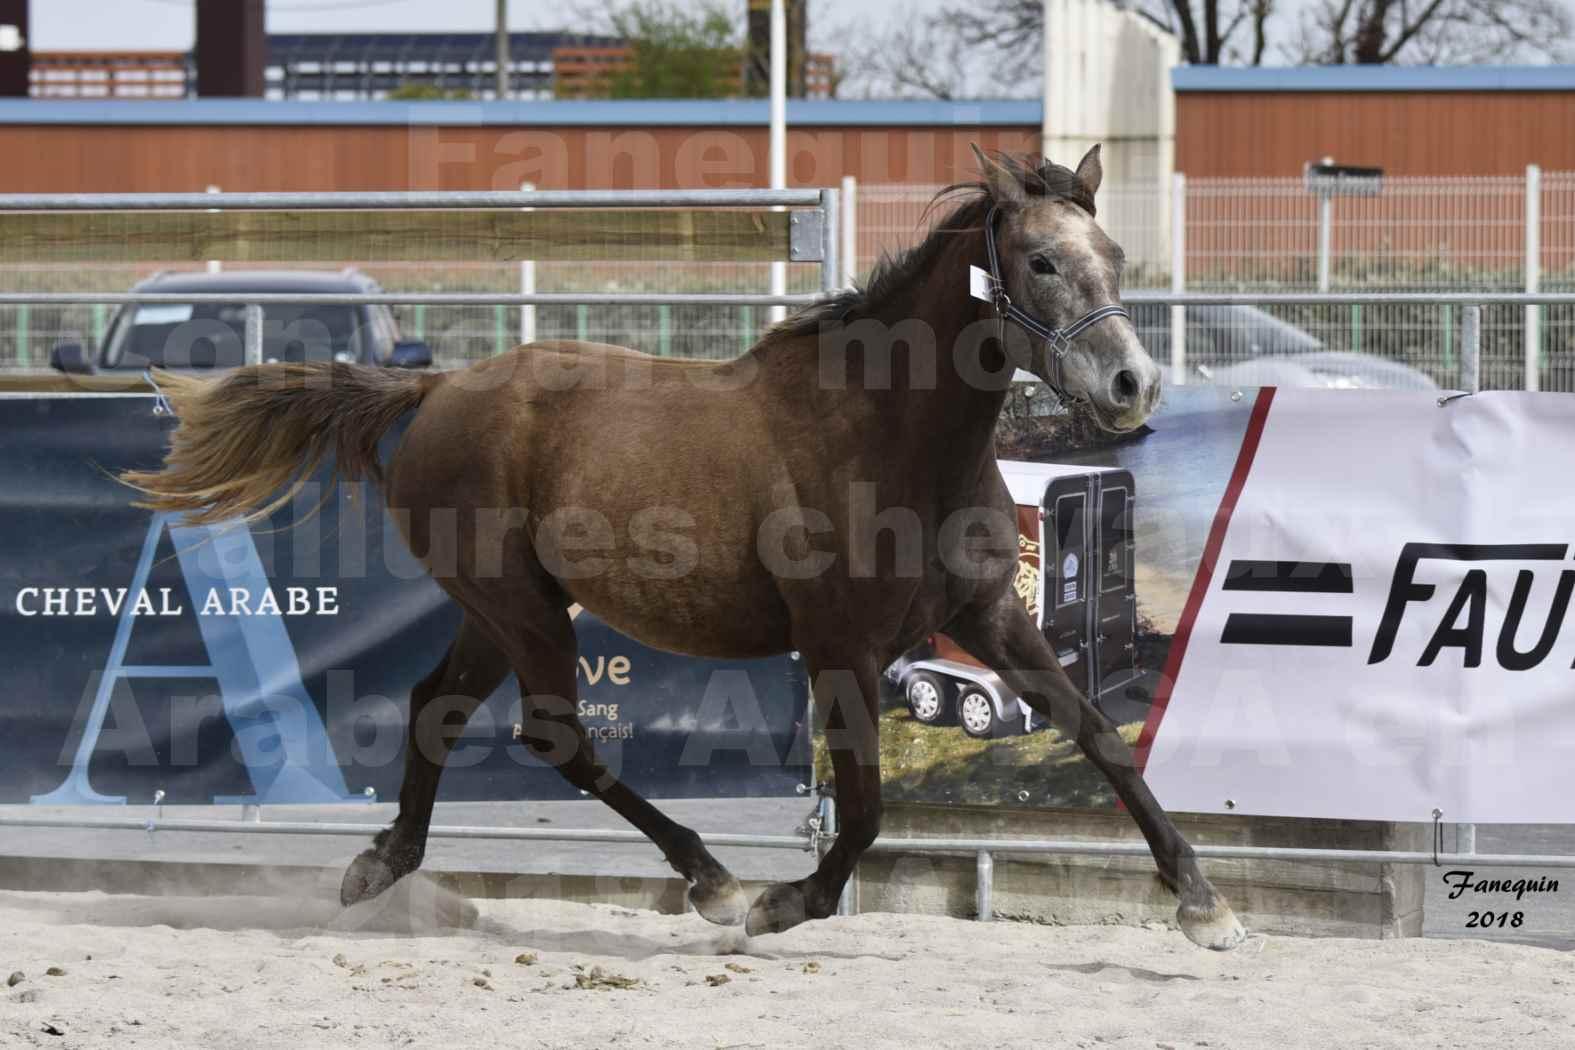 Concours d'élevage de Chevaux Arabes - Demi Sang Arabes - Anglo Arabes - ALBI les 6 & 7 Avril 2018 - FARAH DU CARRELIE - Notre Sélection - 11